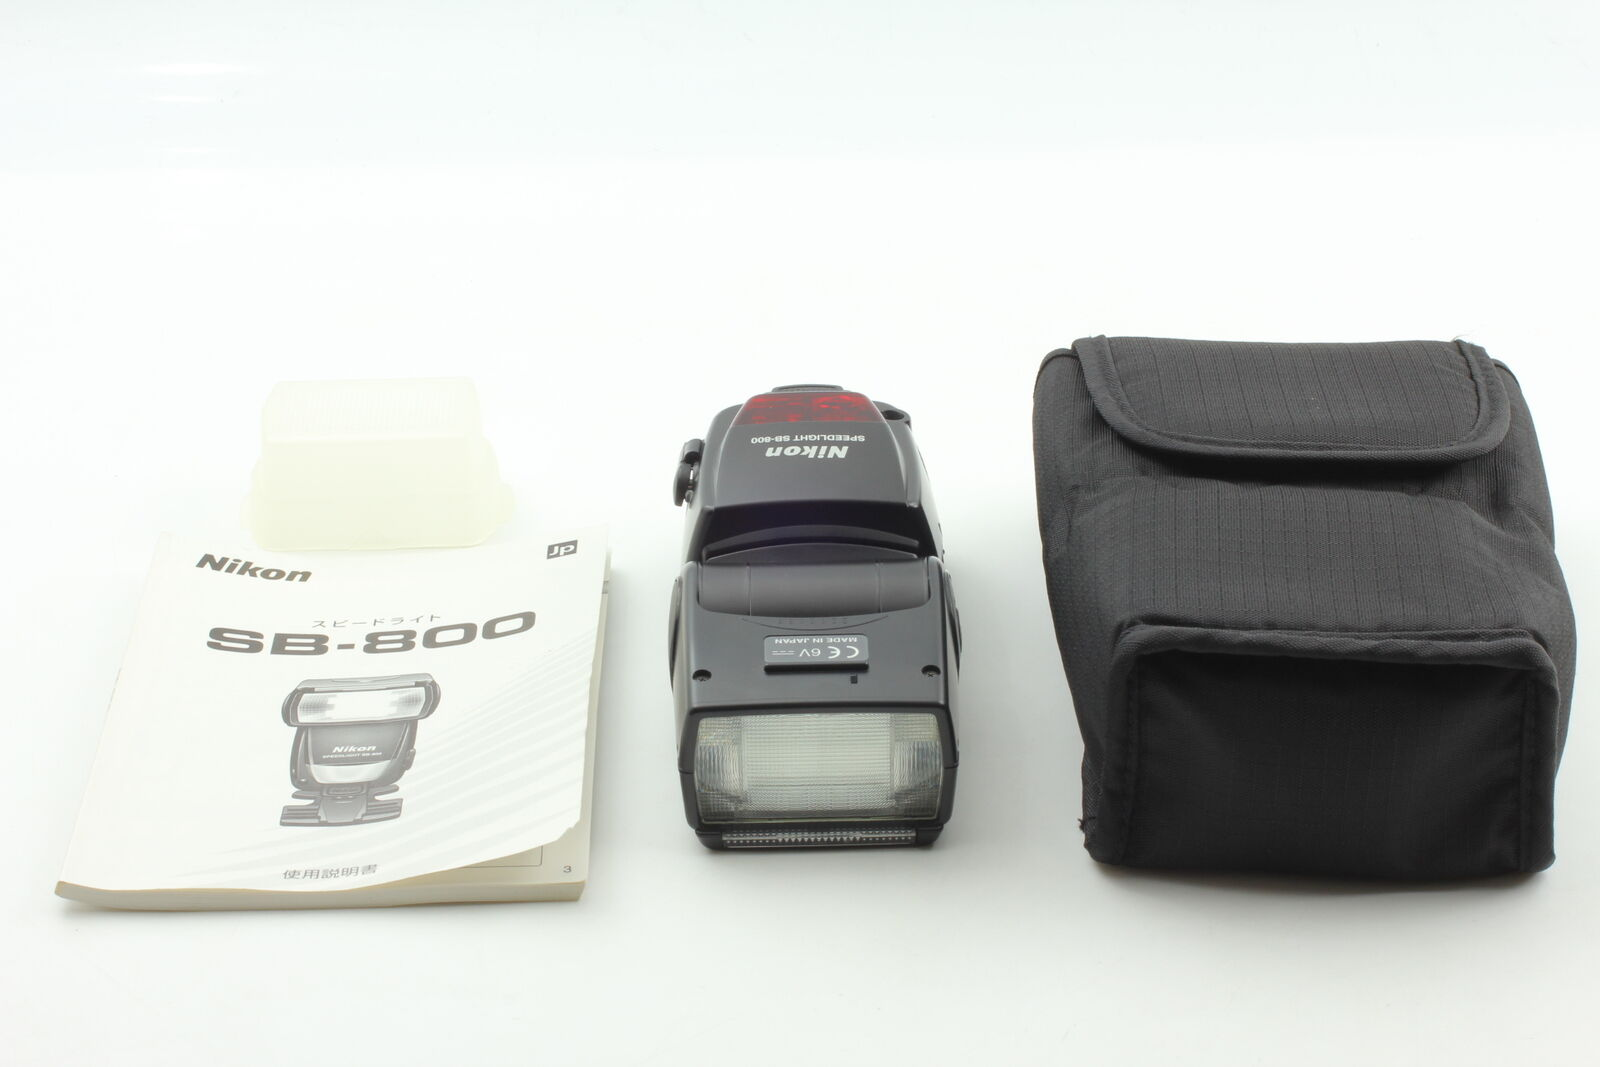 [MINT in Case] Nikon Speedlight SB-800 Shoe Mount Flash For Nikon From JAPAN